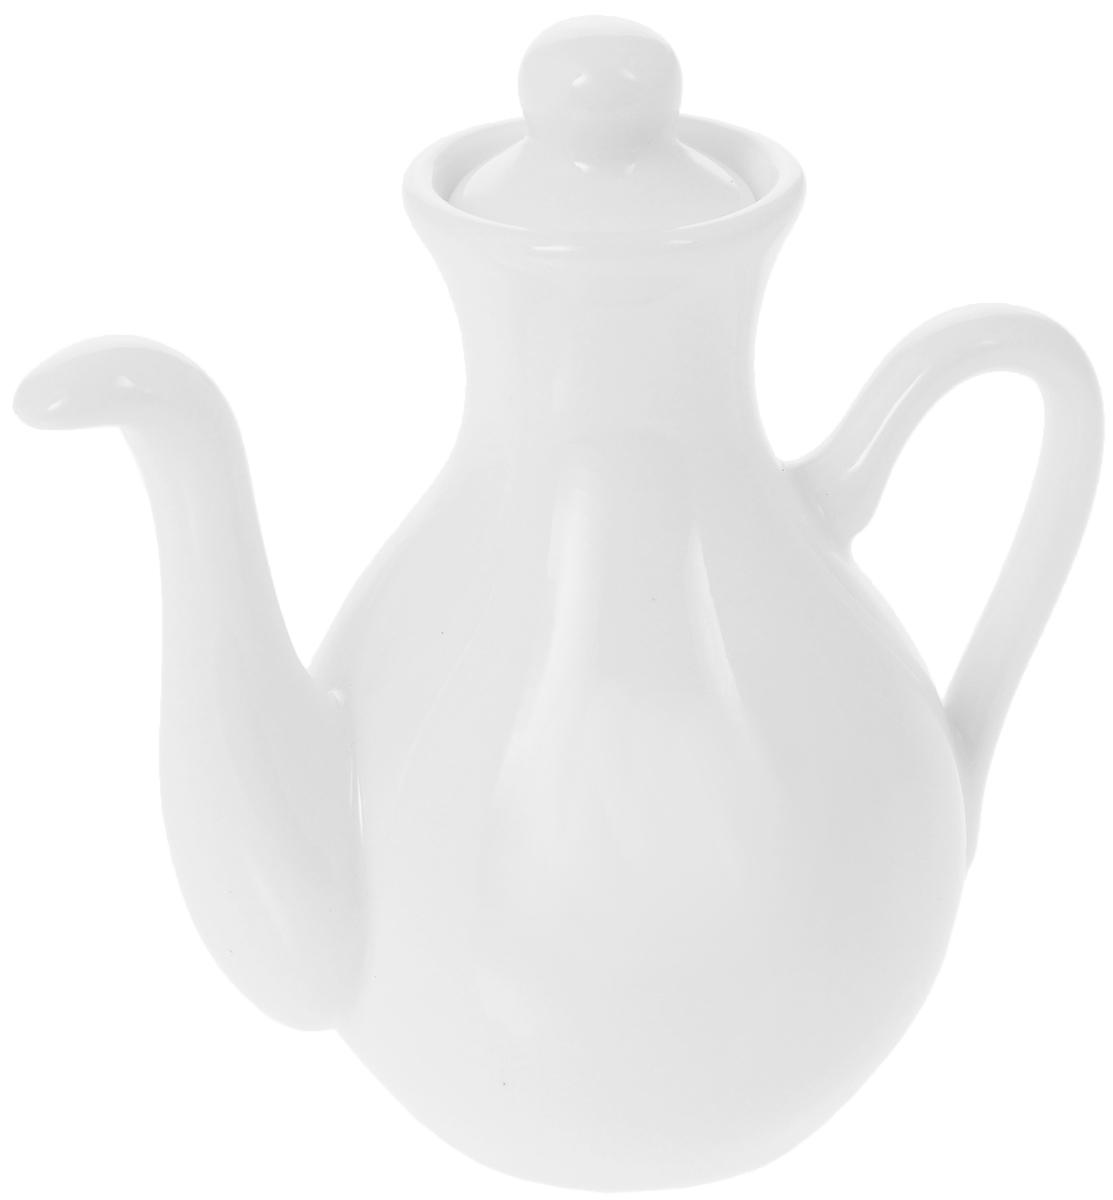 Бутылка для соуса Wilmax, 130 мл115510Бутылка для соуса Wilmax изготовлена из высококачественного фарфора, покрытого глазурью. Изделие предназначено для хранения соусов, имеет удобный носик и крышку. Такая бутылка для соуса пригодится в любом хозяйстве, она подойдет как для праздничного стола, так и для повседневного использования. Изделие функциональное, практичное и легкое в уходе. Диаметр (по верхнему краю): 3,5 см. Высота бутылки (с учетом крышки): 11 см.